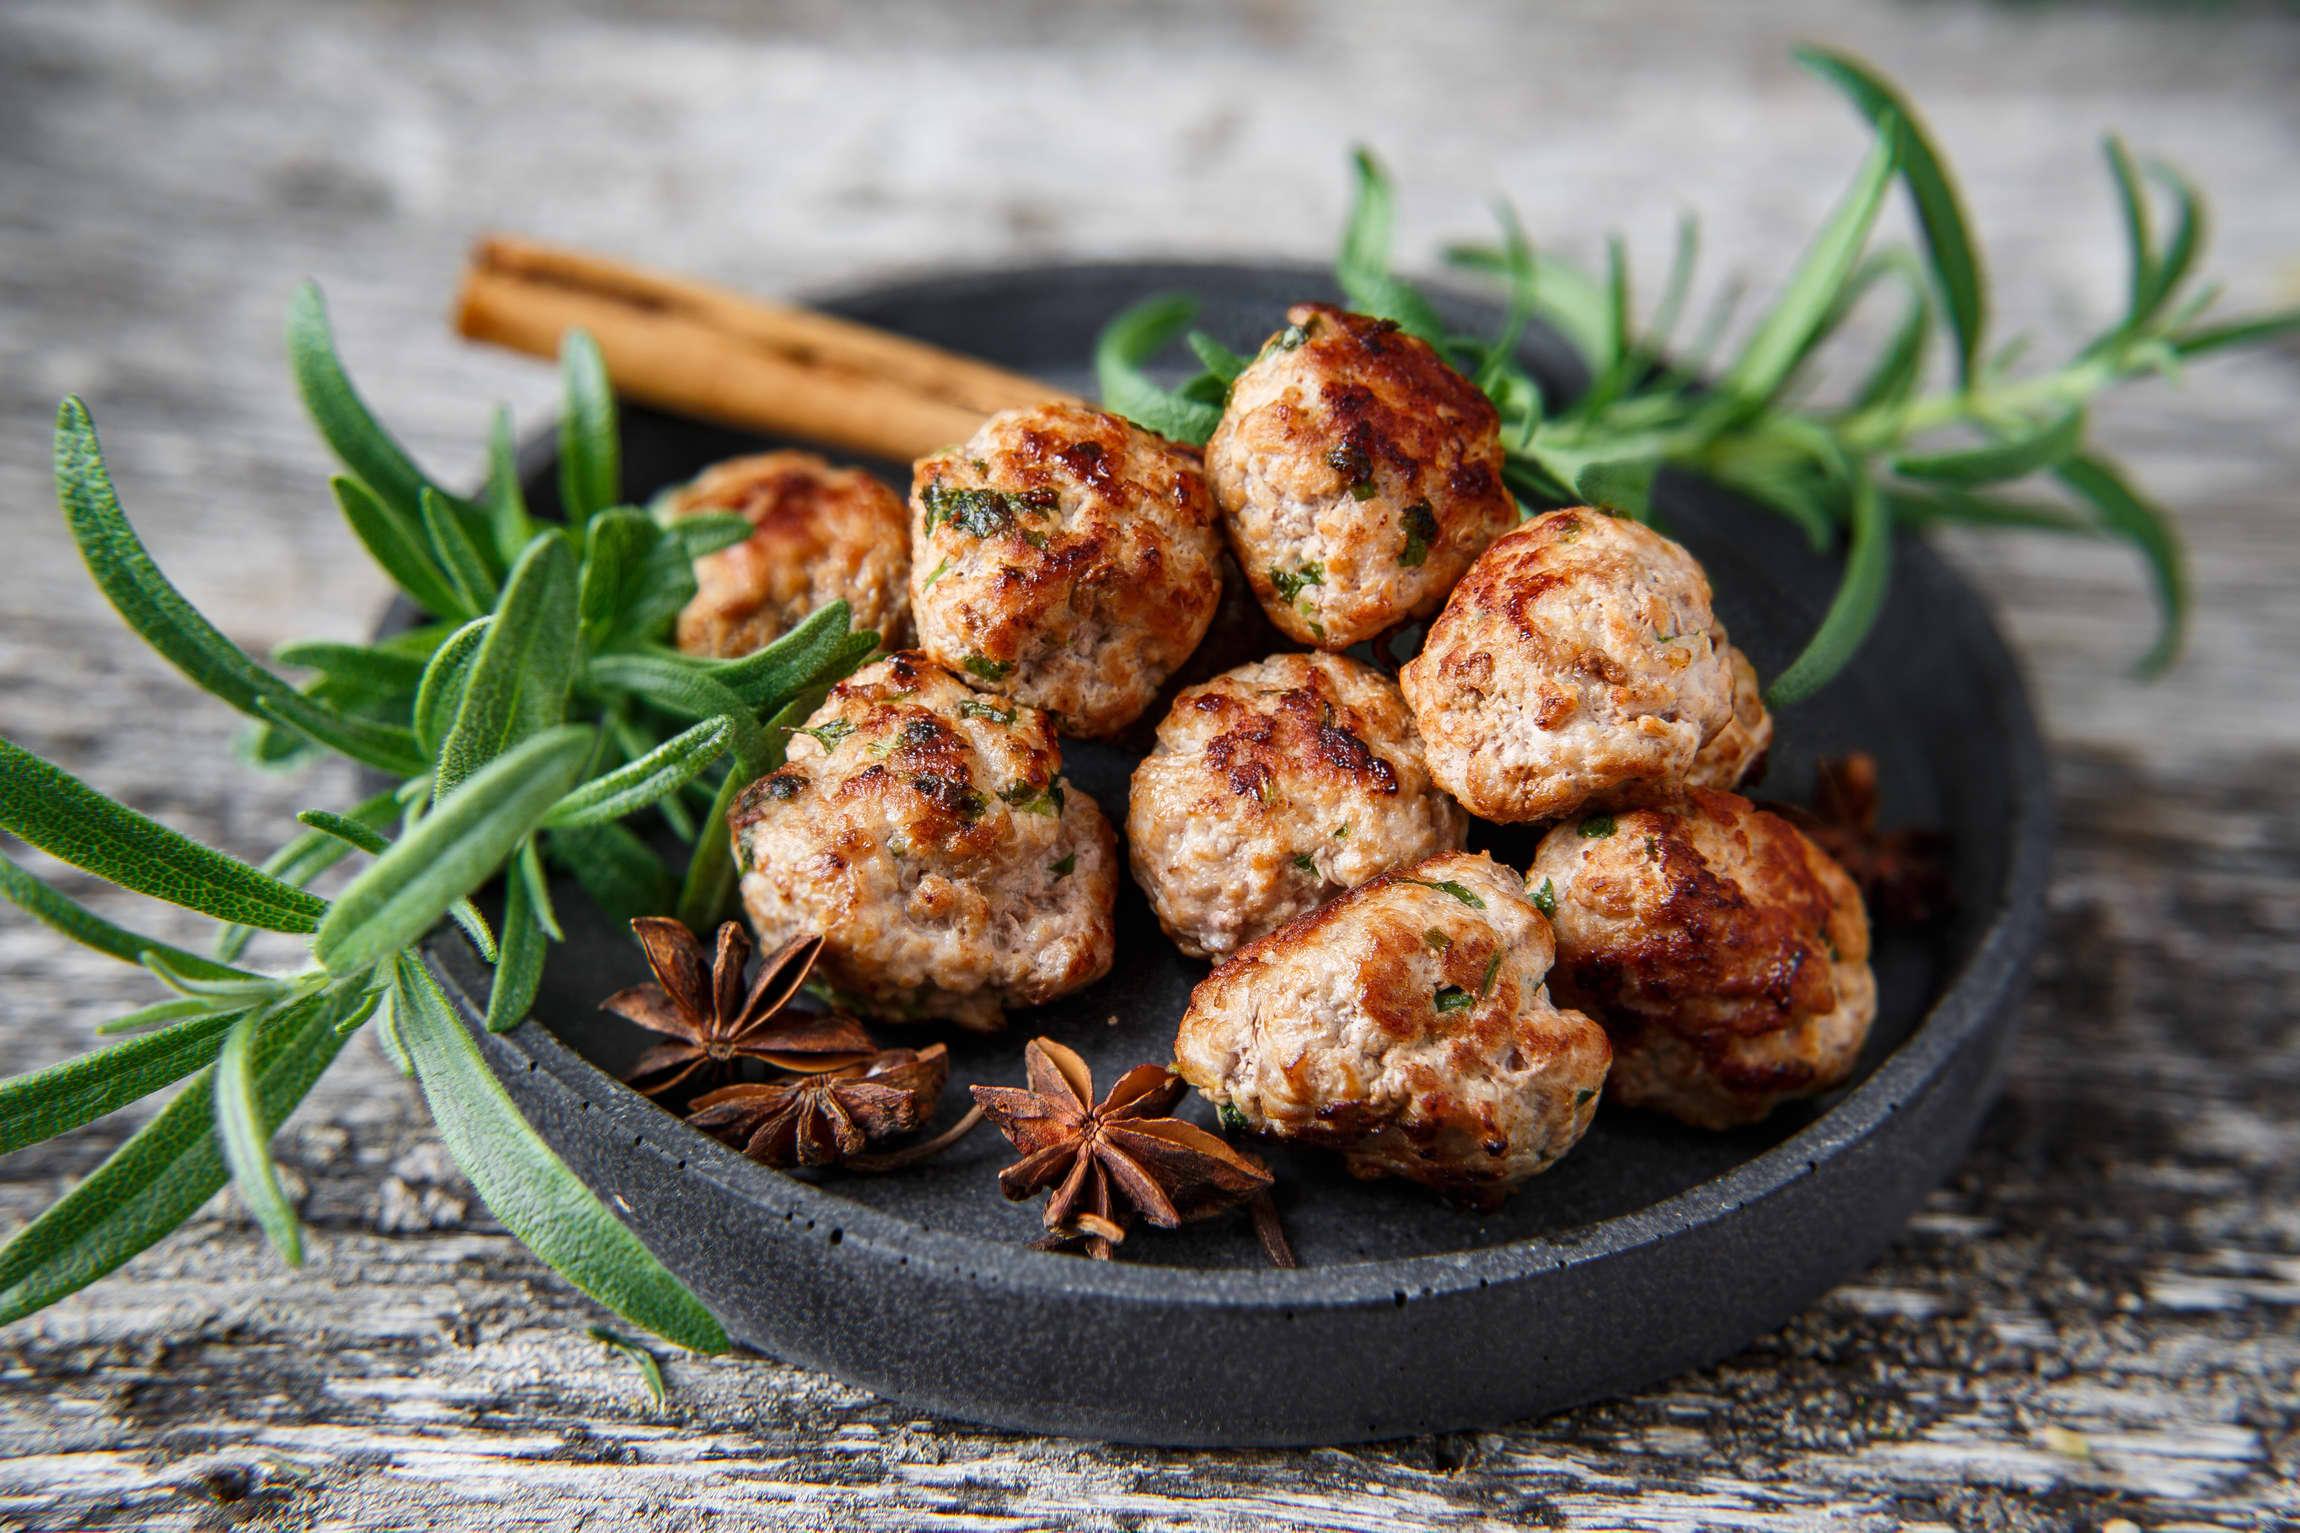 Medisterdeig er saftig og smakfullt - krydre med litt spennende smaker, så får du kjøttboller du sent vil glemme.